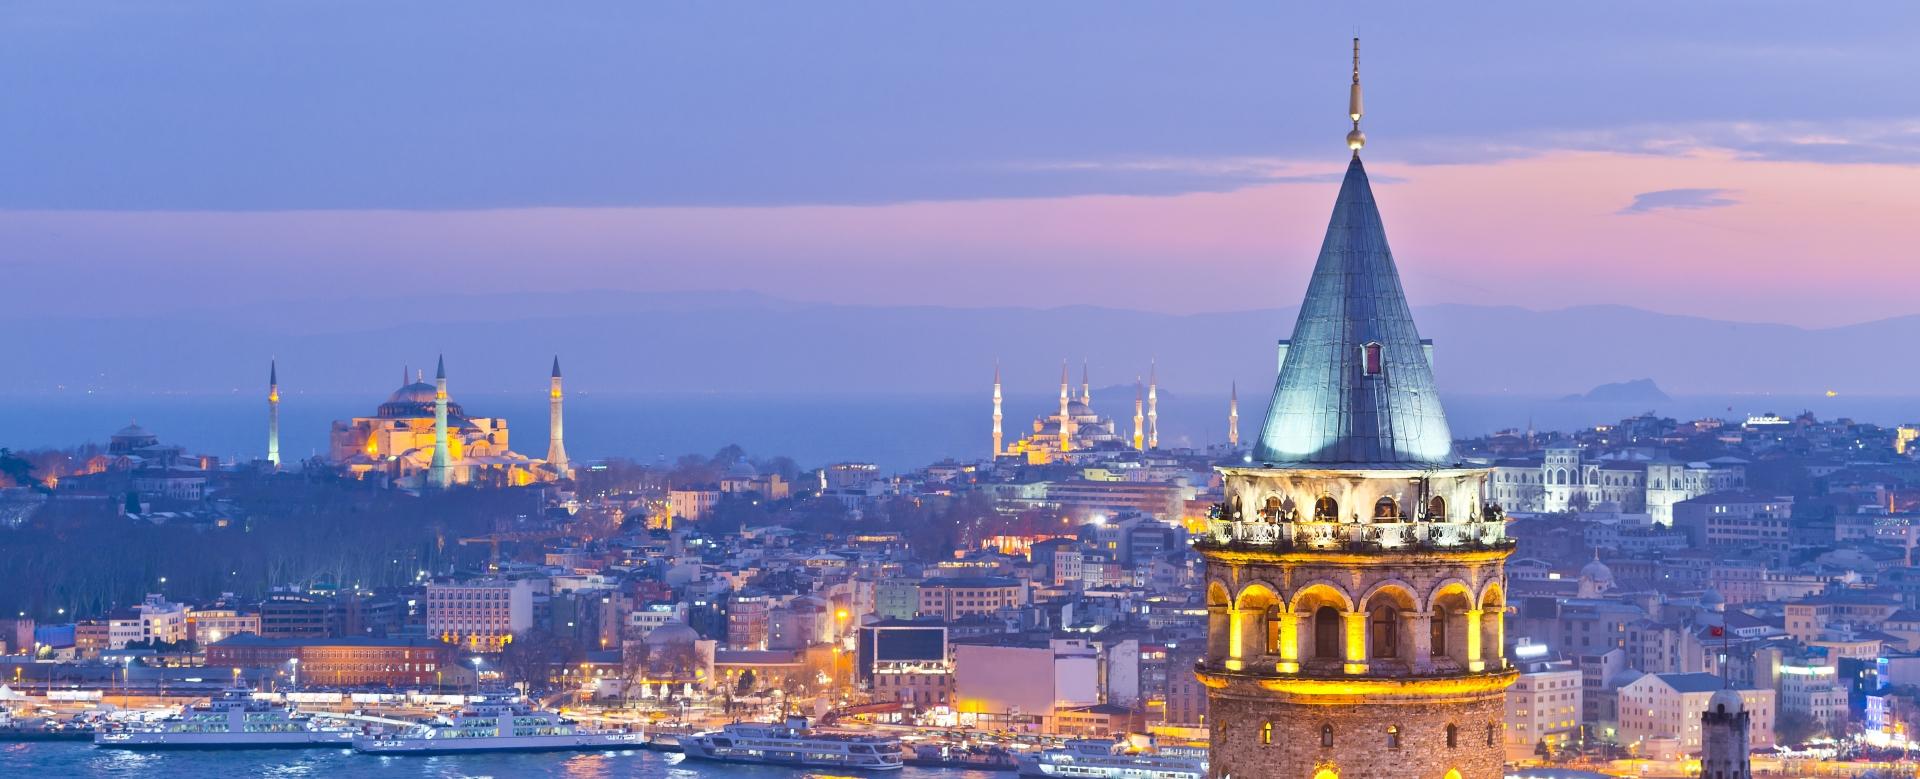 Voyage à pied : De la cappadoce à istanbul